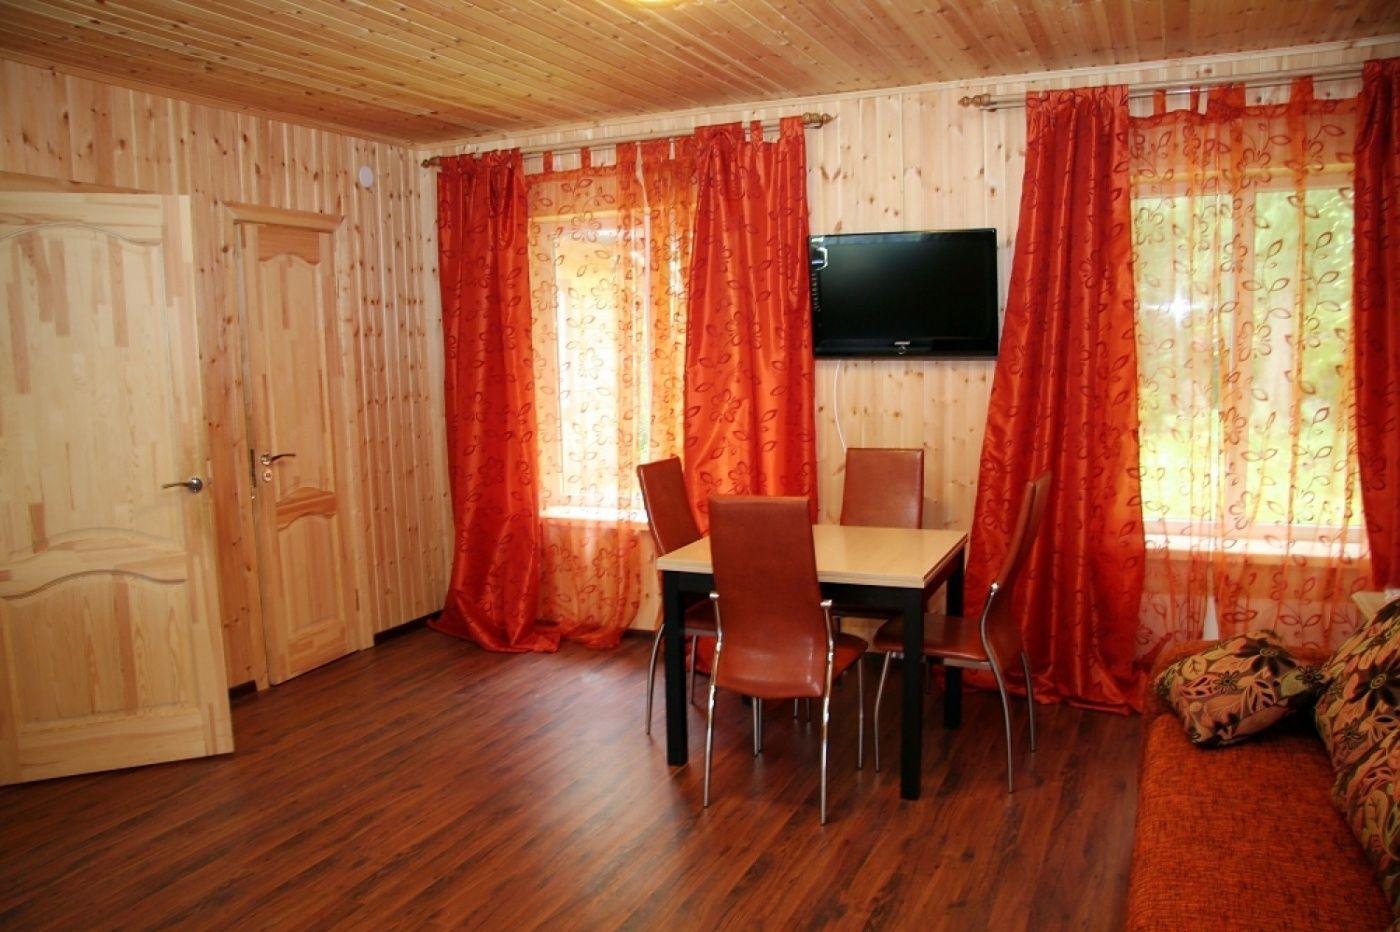 База отдыха «Соколинское» Ленинградская область 6-местный дом, фото 4